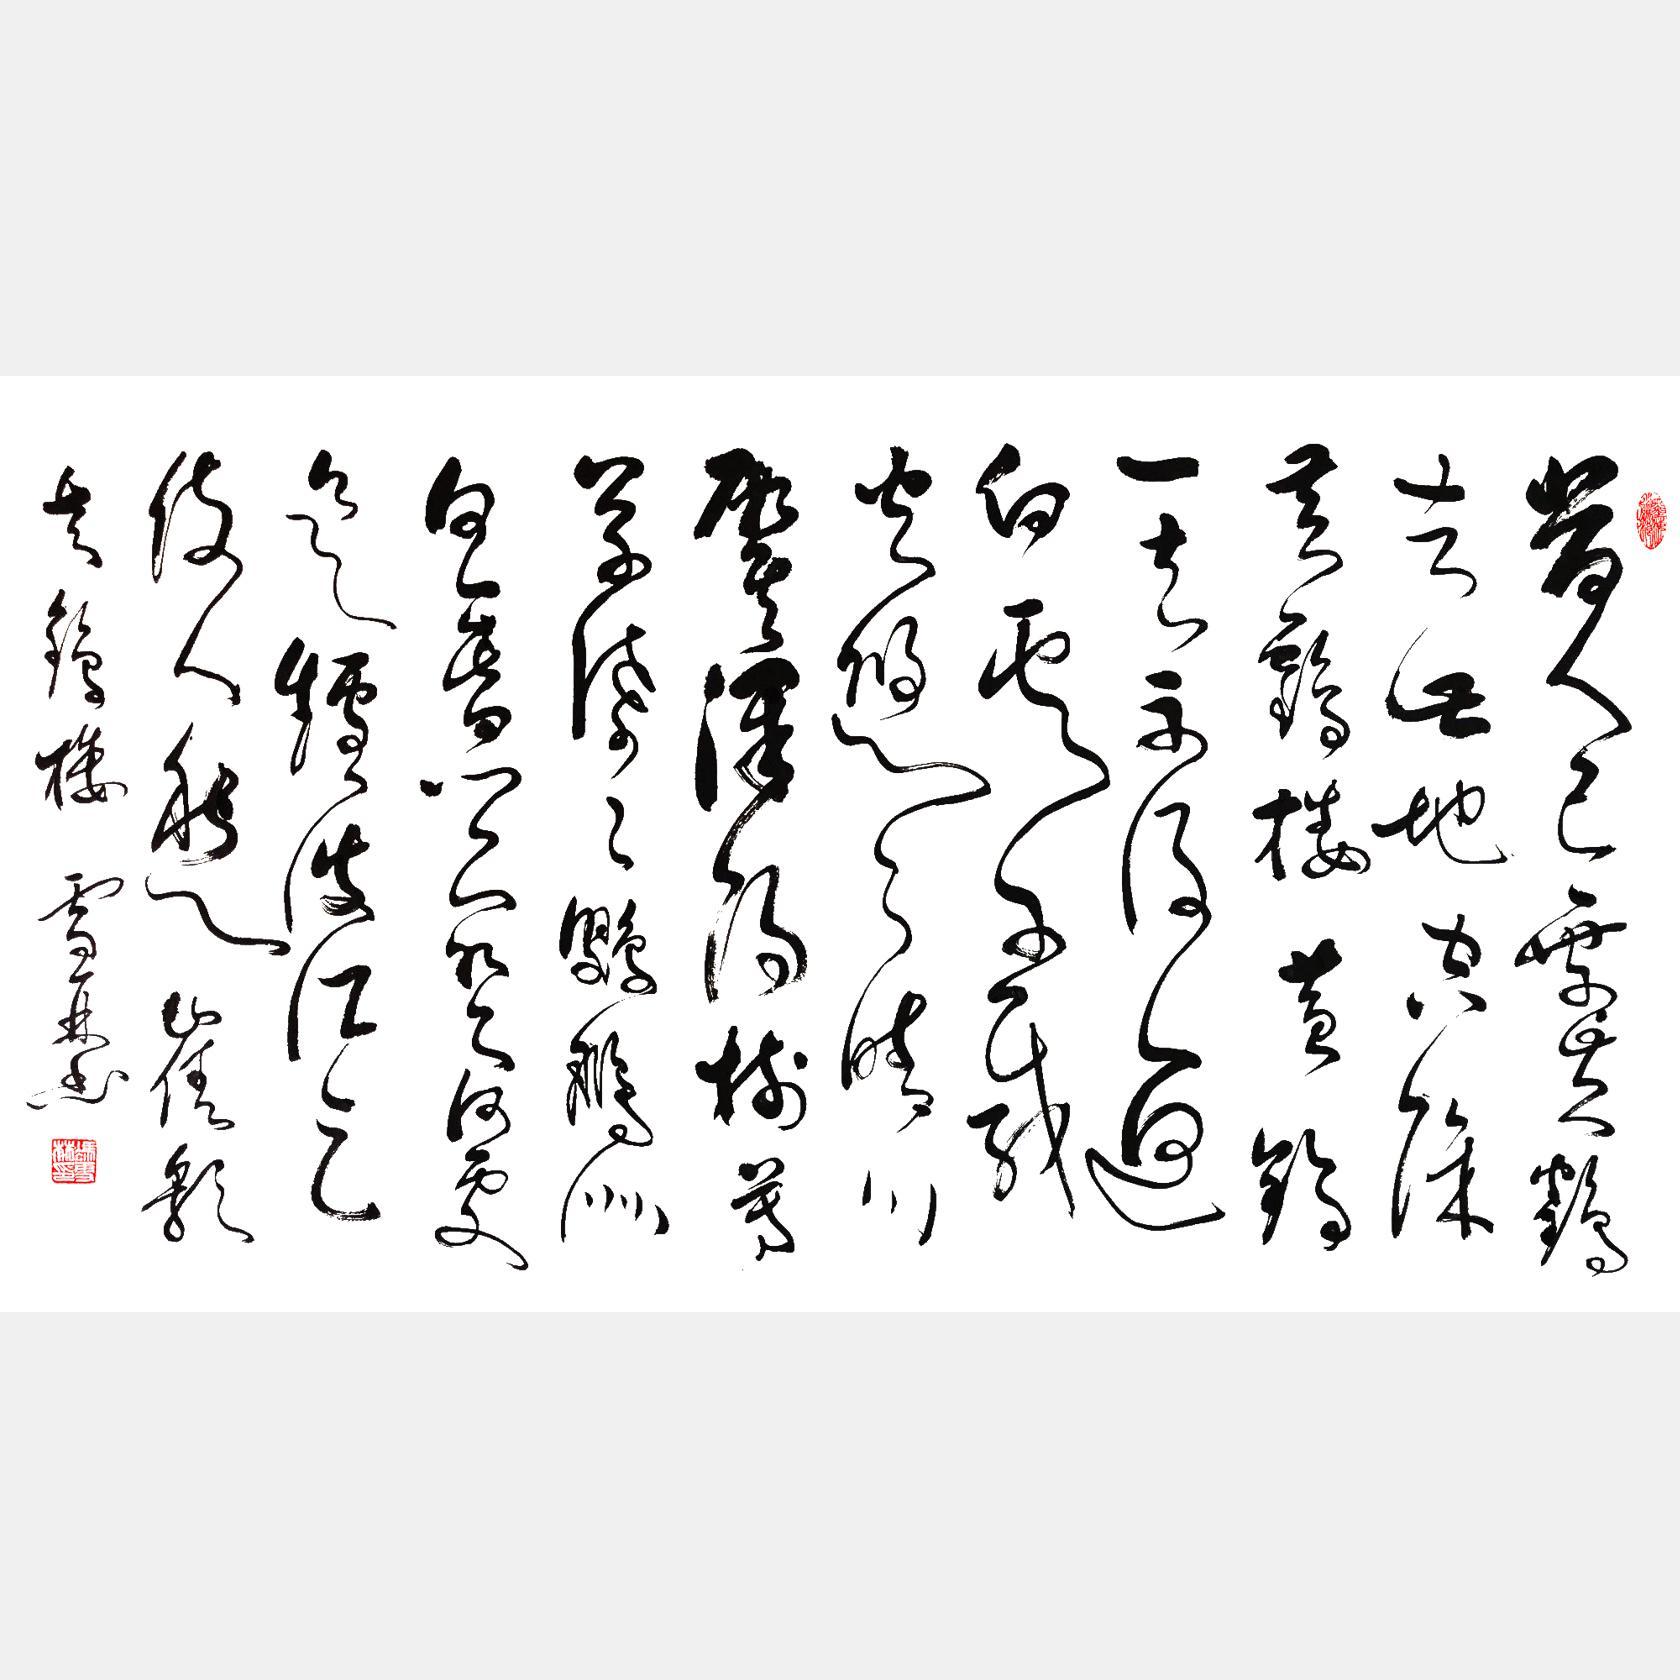 唐・崔颢《黄鹤楼》书法作品 黄鹤楼草书字画 唐人七言律诗第一